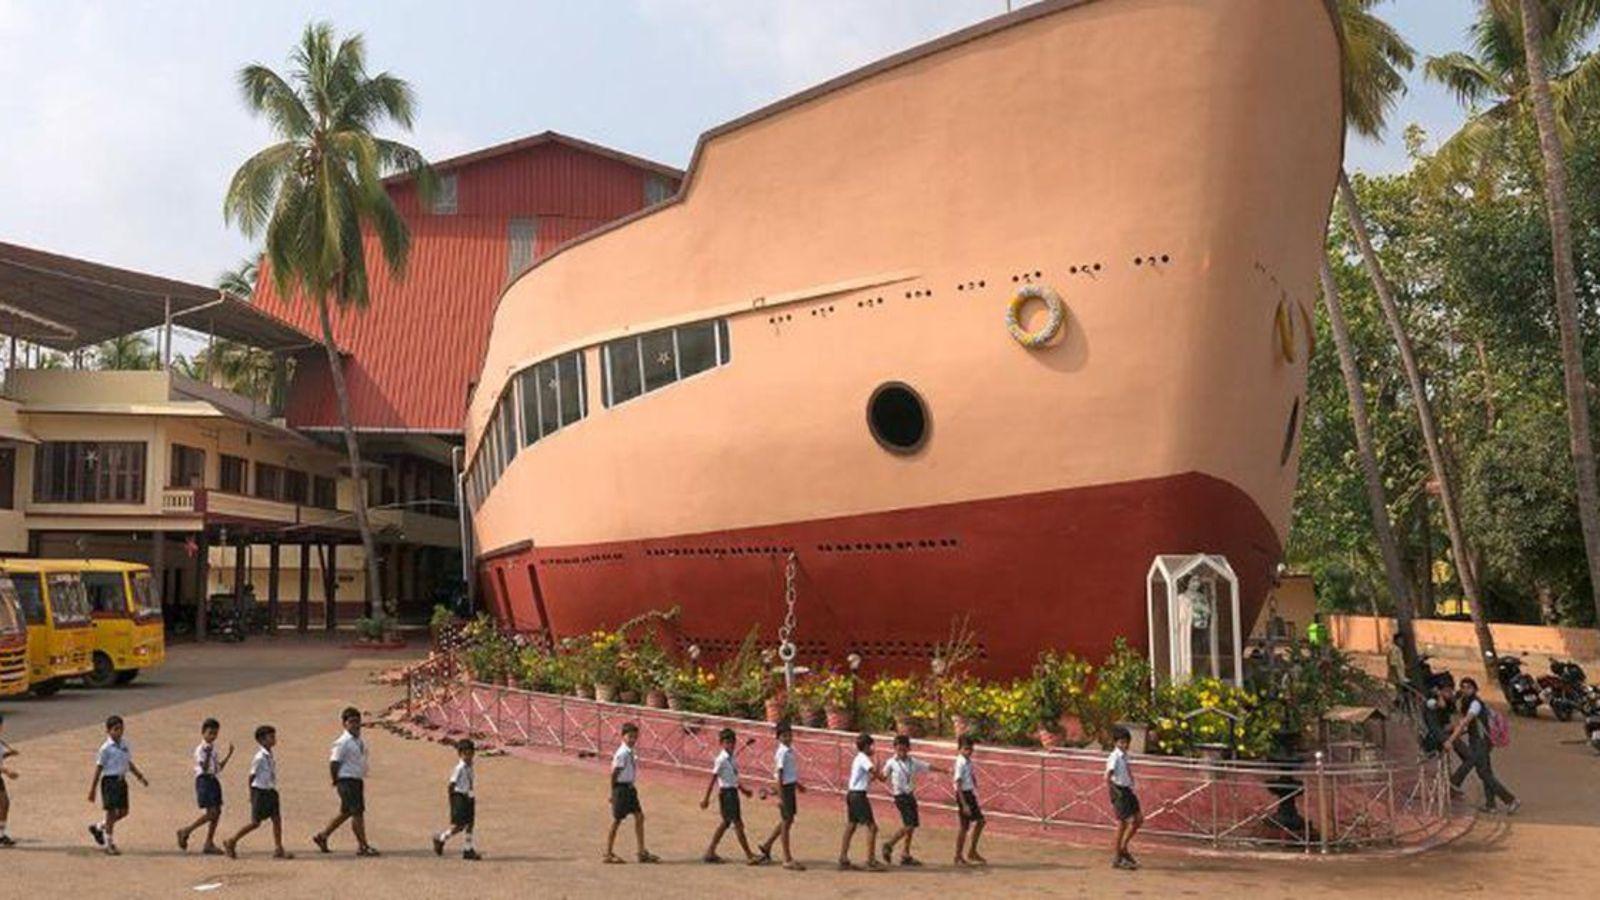 Igreja Santa Teresa em forma de barco